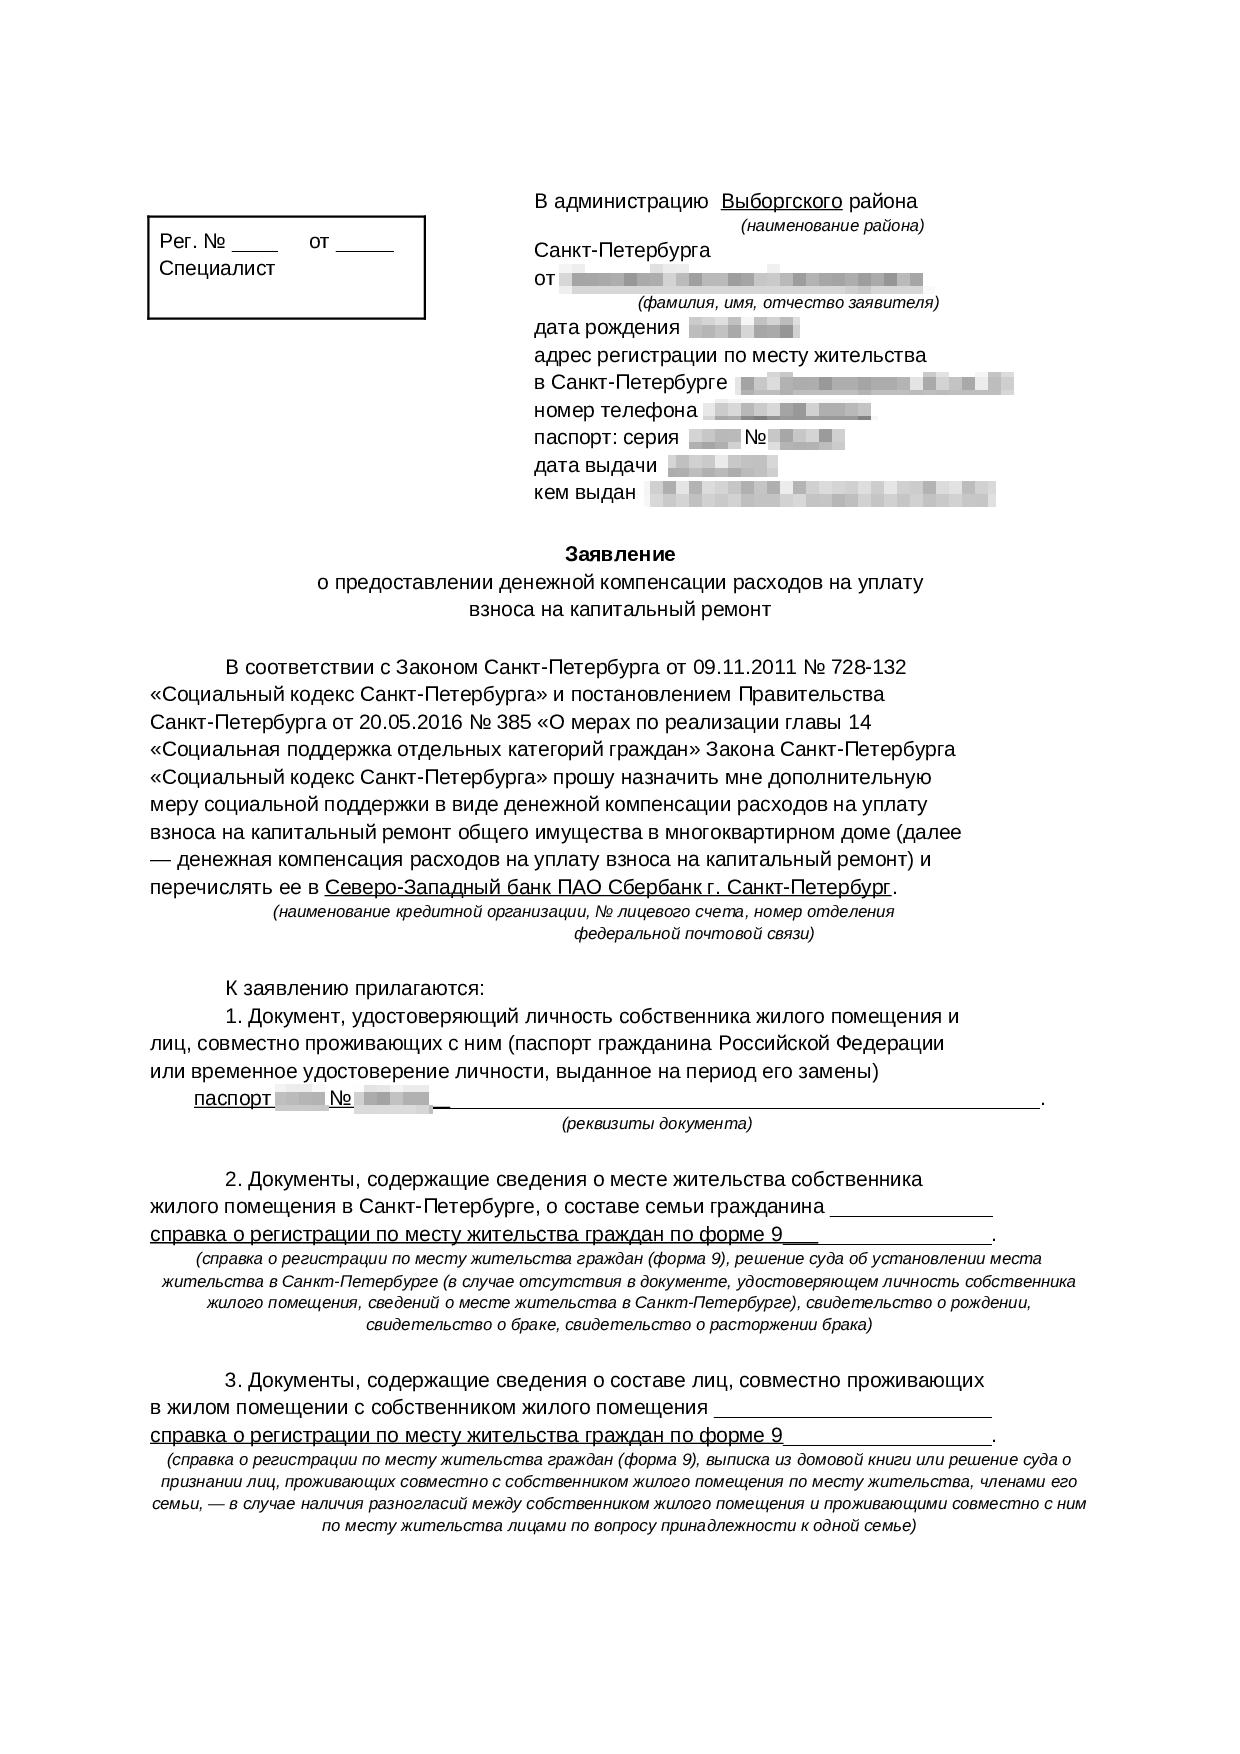 Образец заявления о предоставлении денежной компенсации расходов на уплату взноса на капитальный ремонт